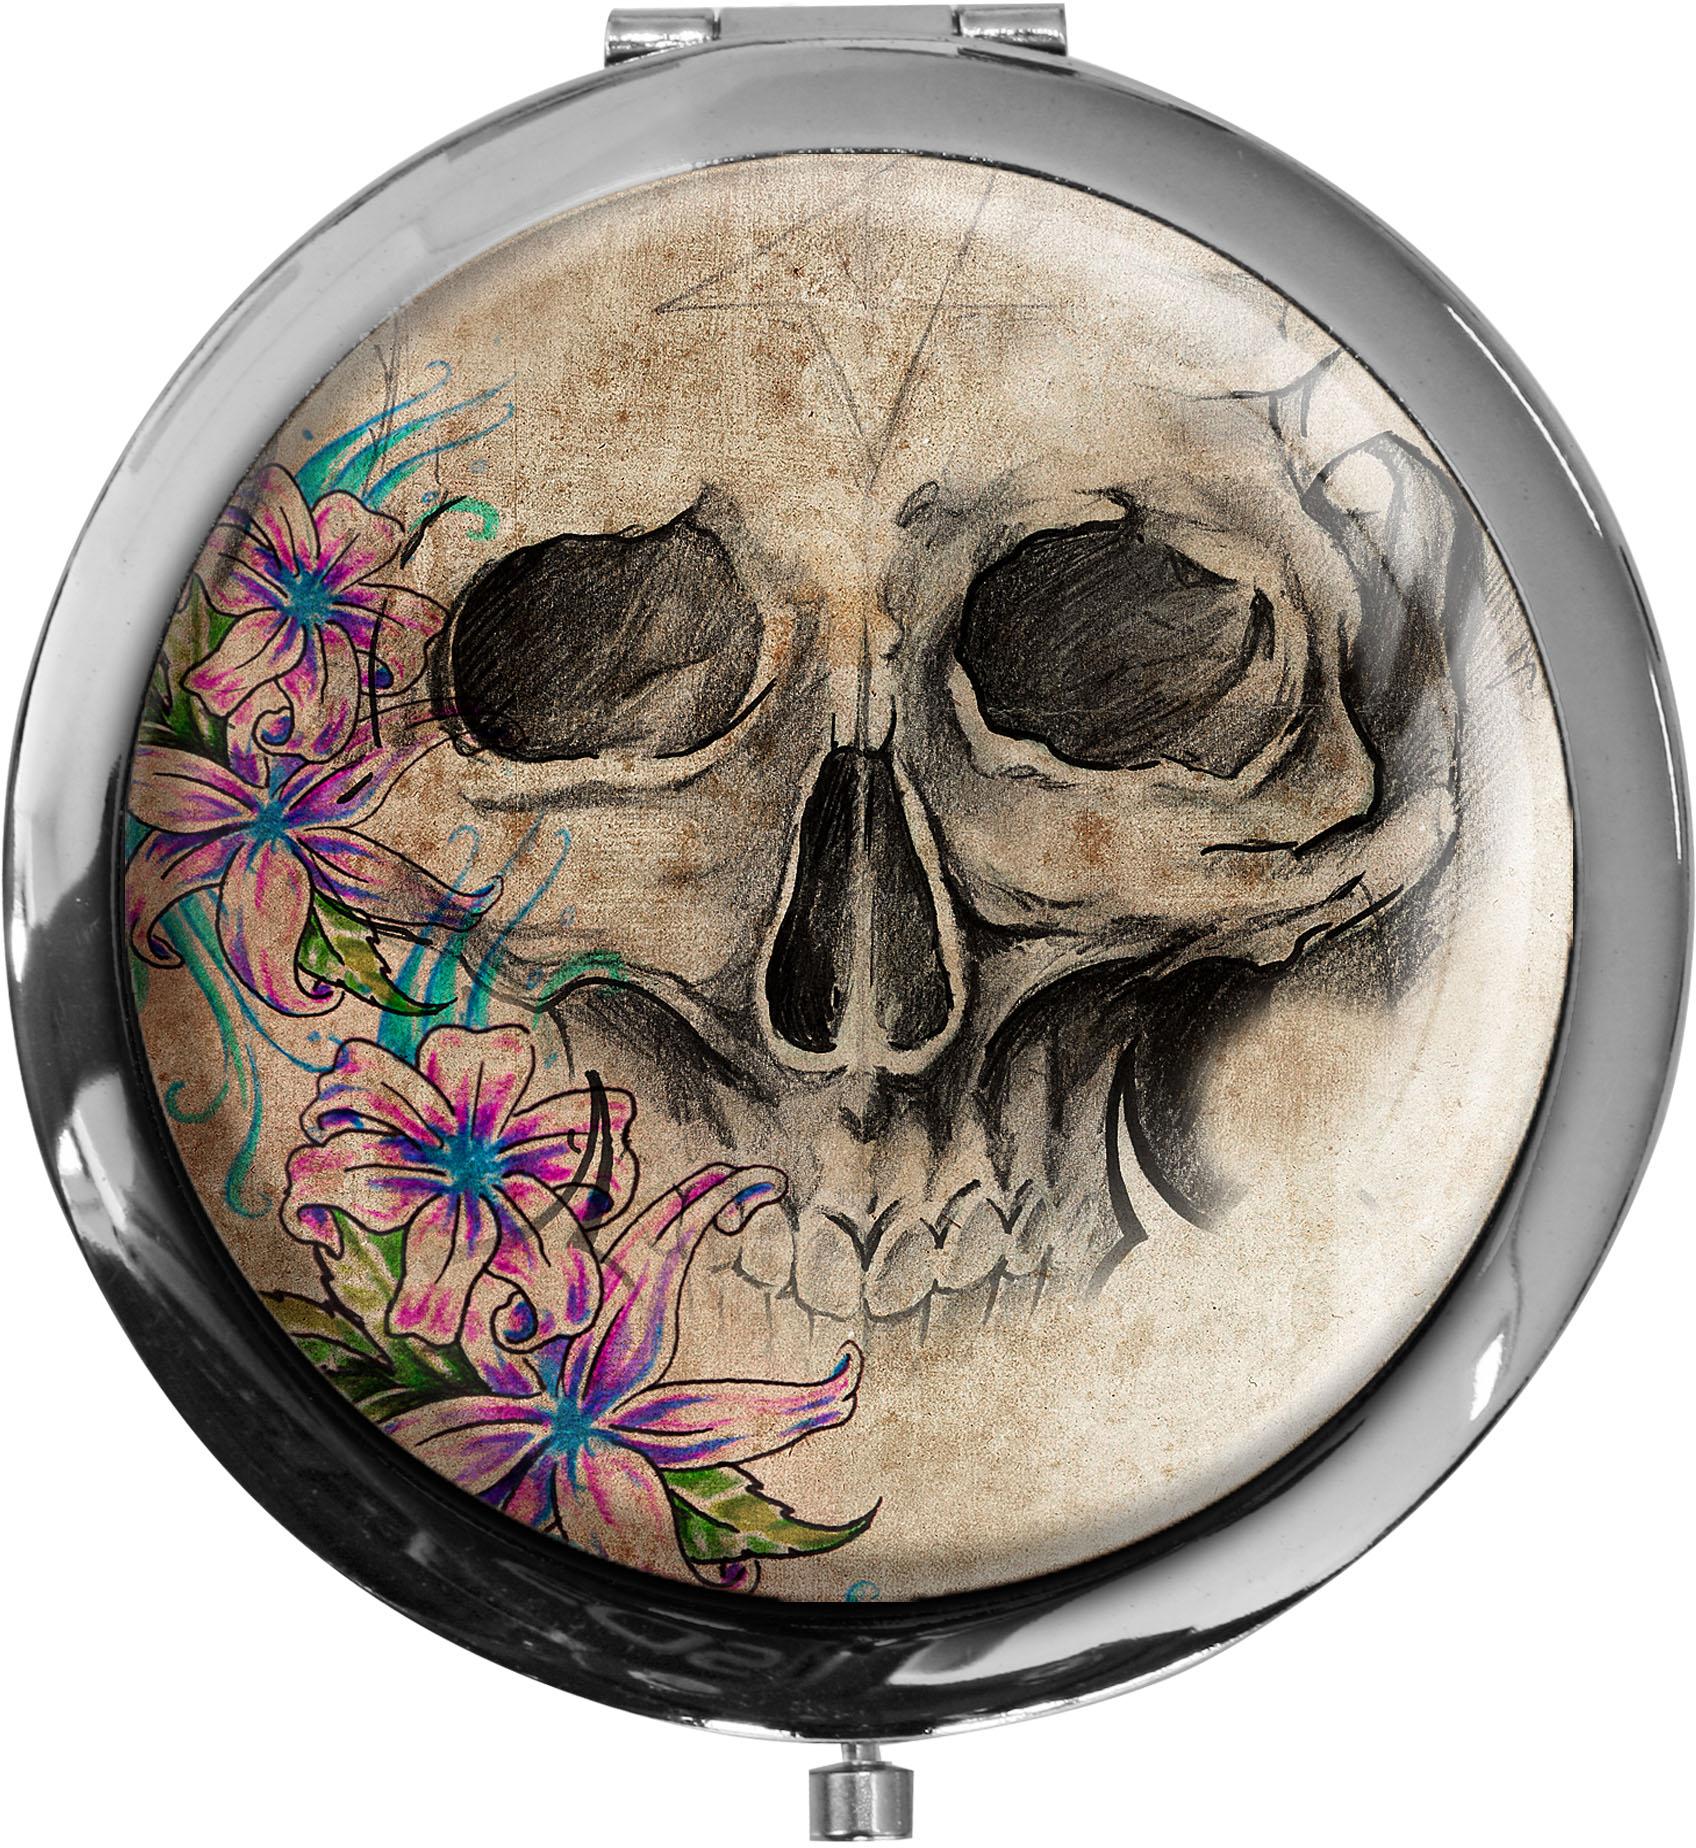 Taschenspiegel / Spiegel / Totenkopf